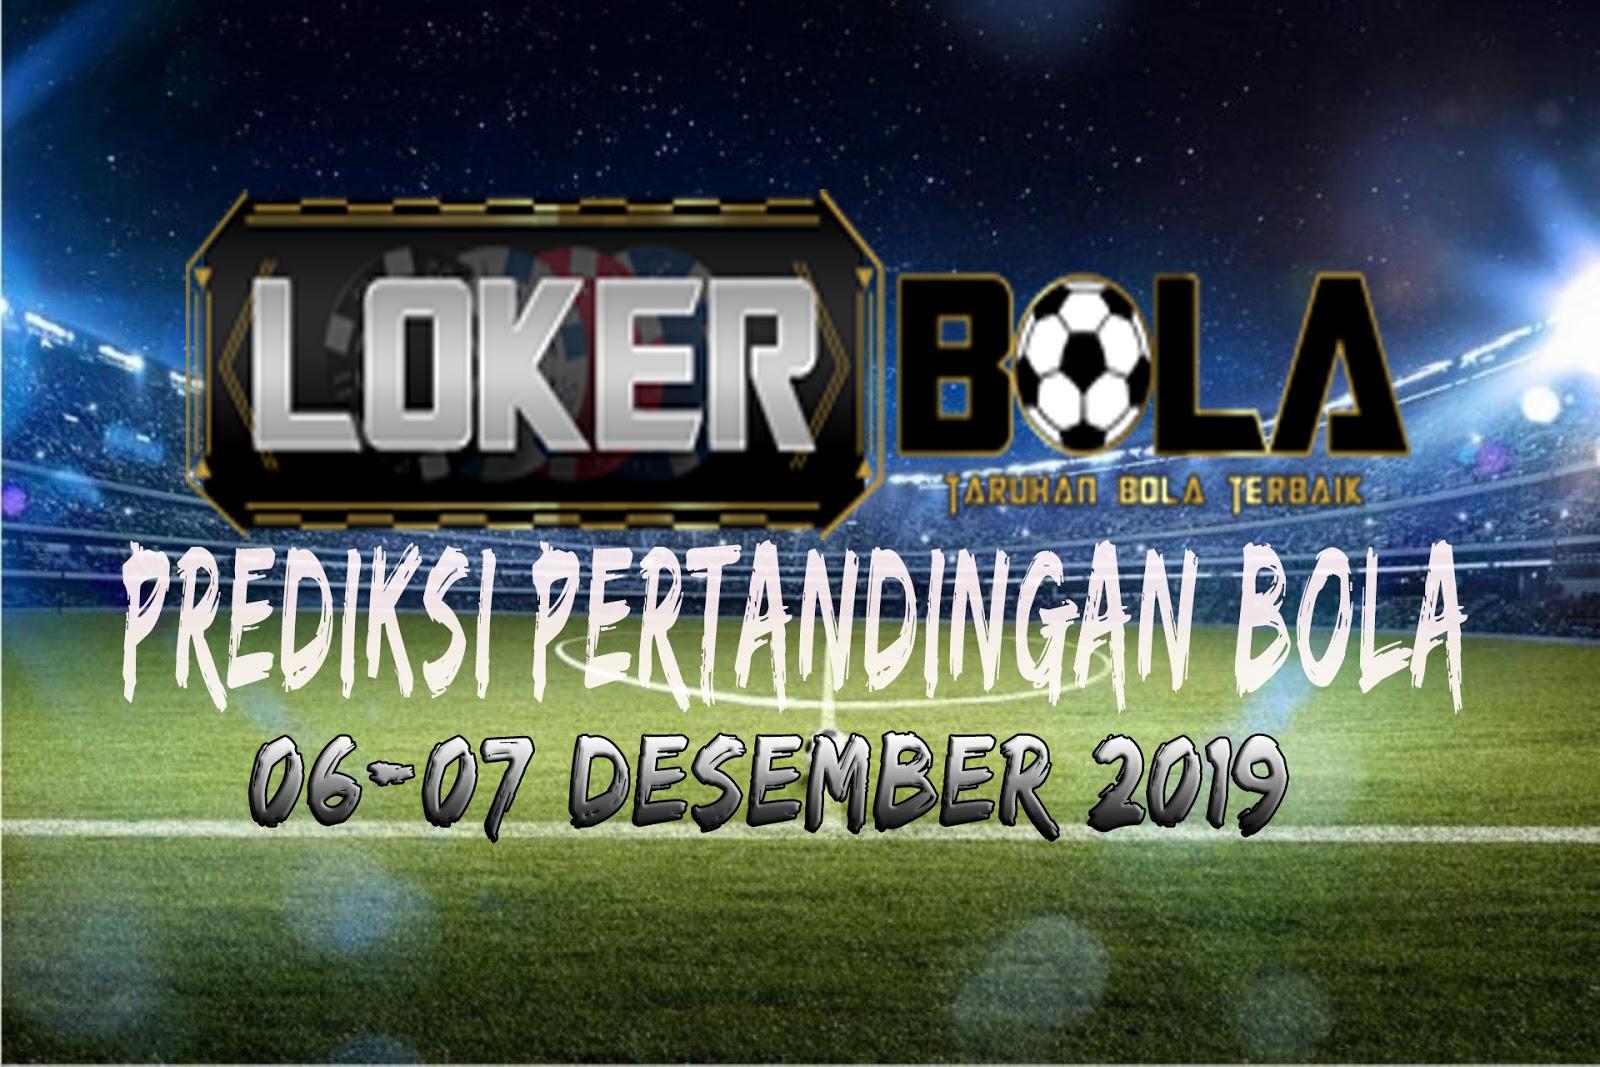 PREDIKSI PERTANDINGAN BOLA 06 – 07 DESEMBER 2019